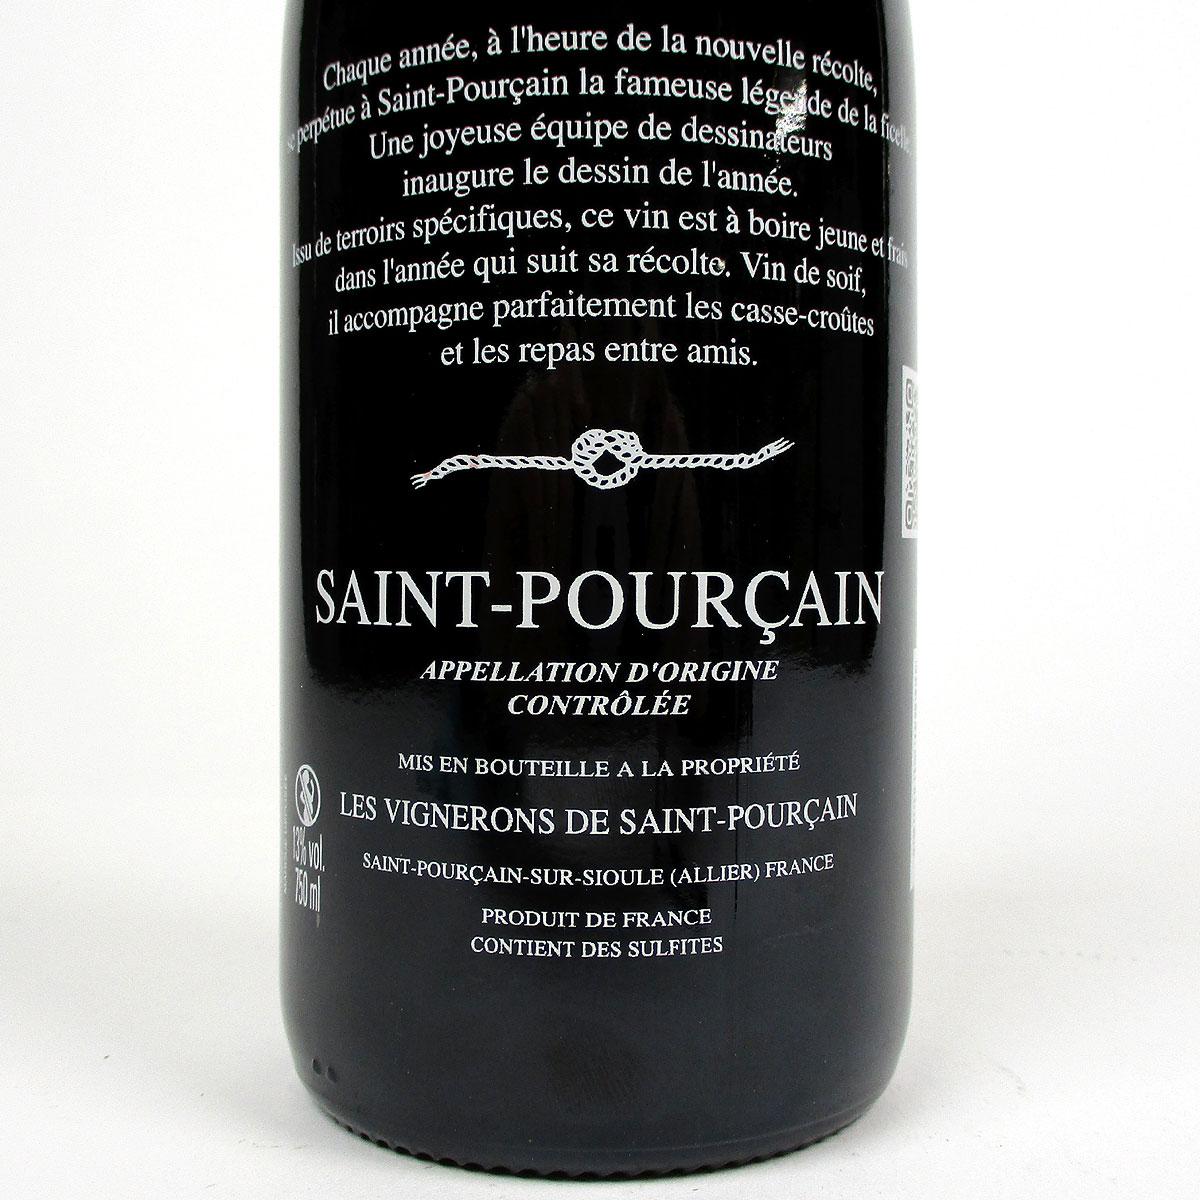 Saint-Pourçain: 'La Ficelle' Rouge 2020 - Bottle Rear Label